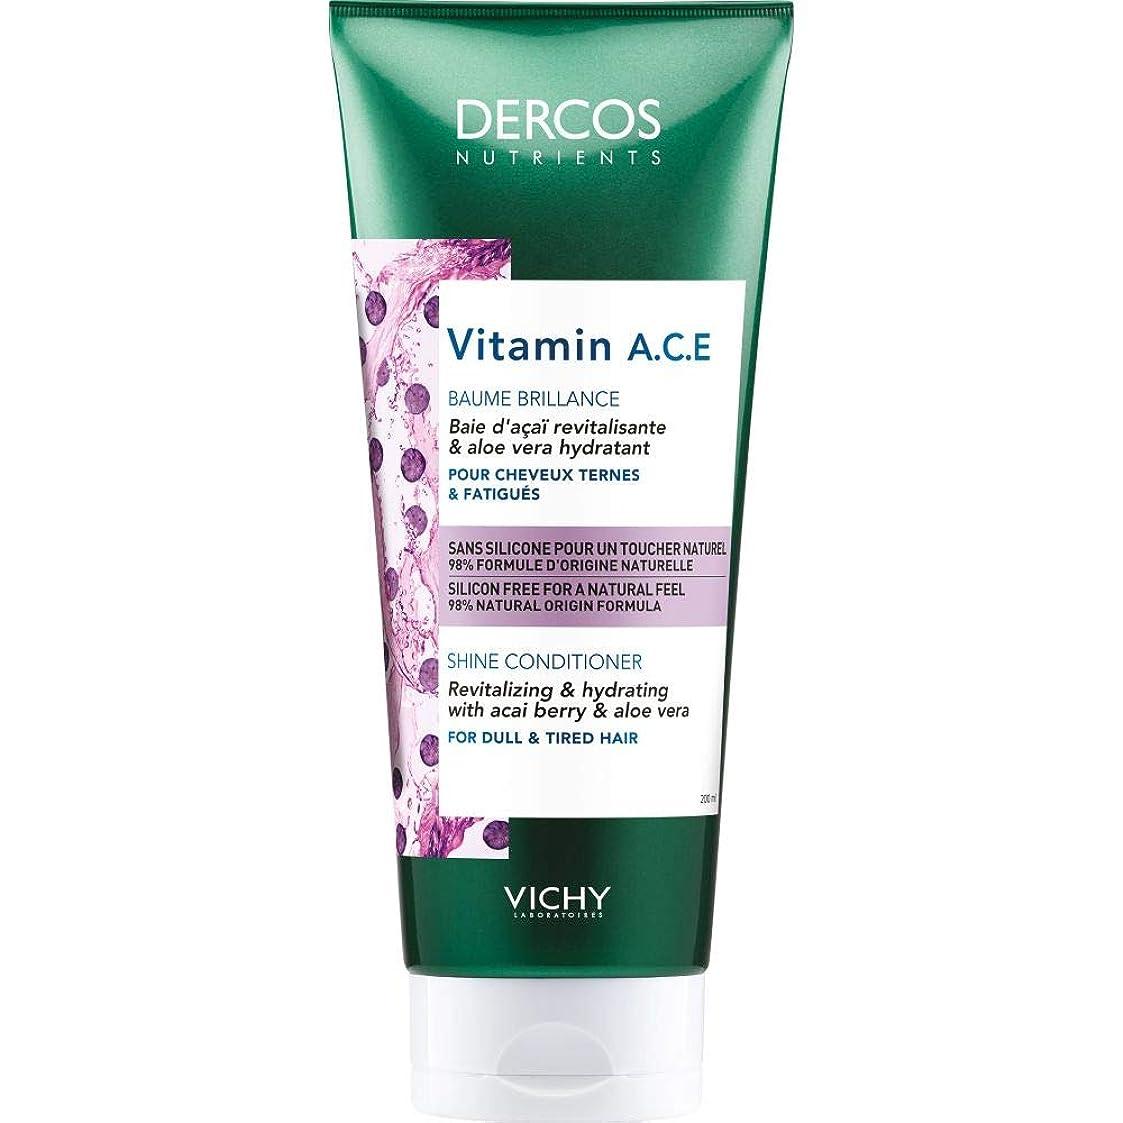 物質ハンバーガー評議会[Vichy ] 栄養素のビタミンA.C.E輝きコンディショナー200Ml Dercosヴィシー - Vichy Dercos Nutrients Vitamin A.C.E Shine Conditioner 200ml [並行輸入品]